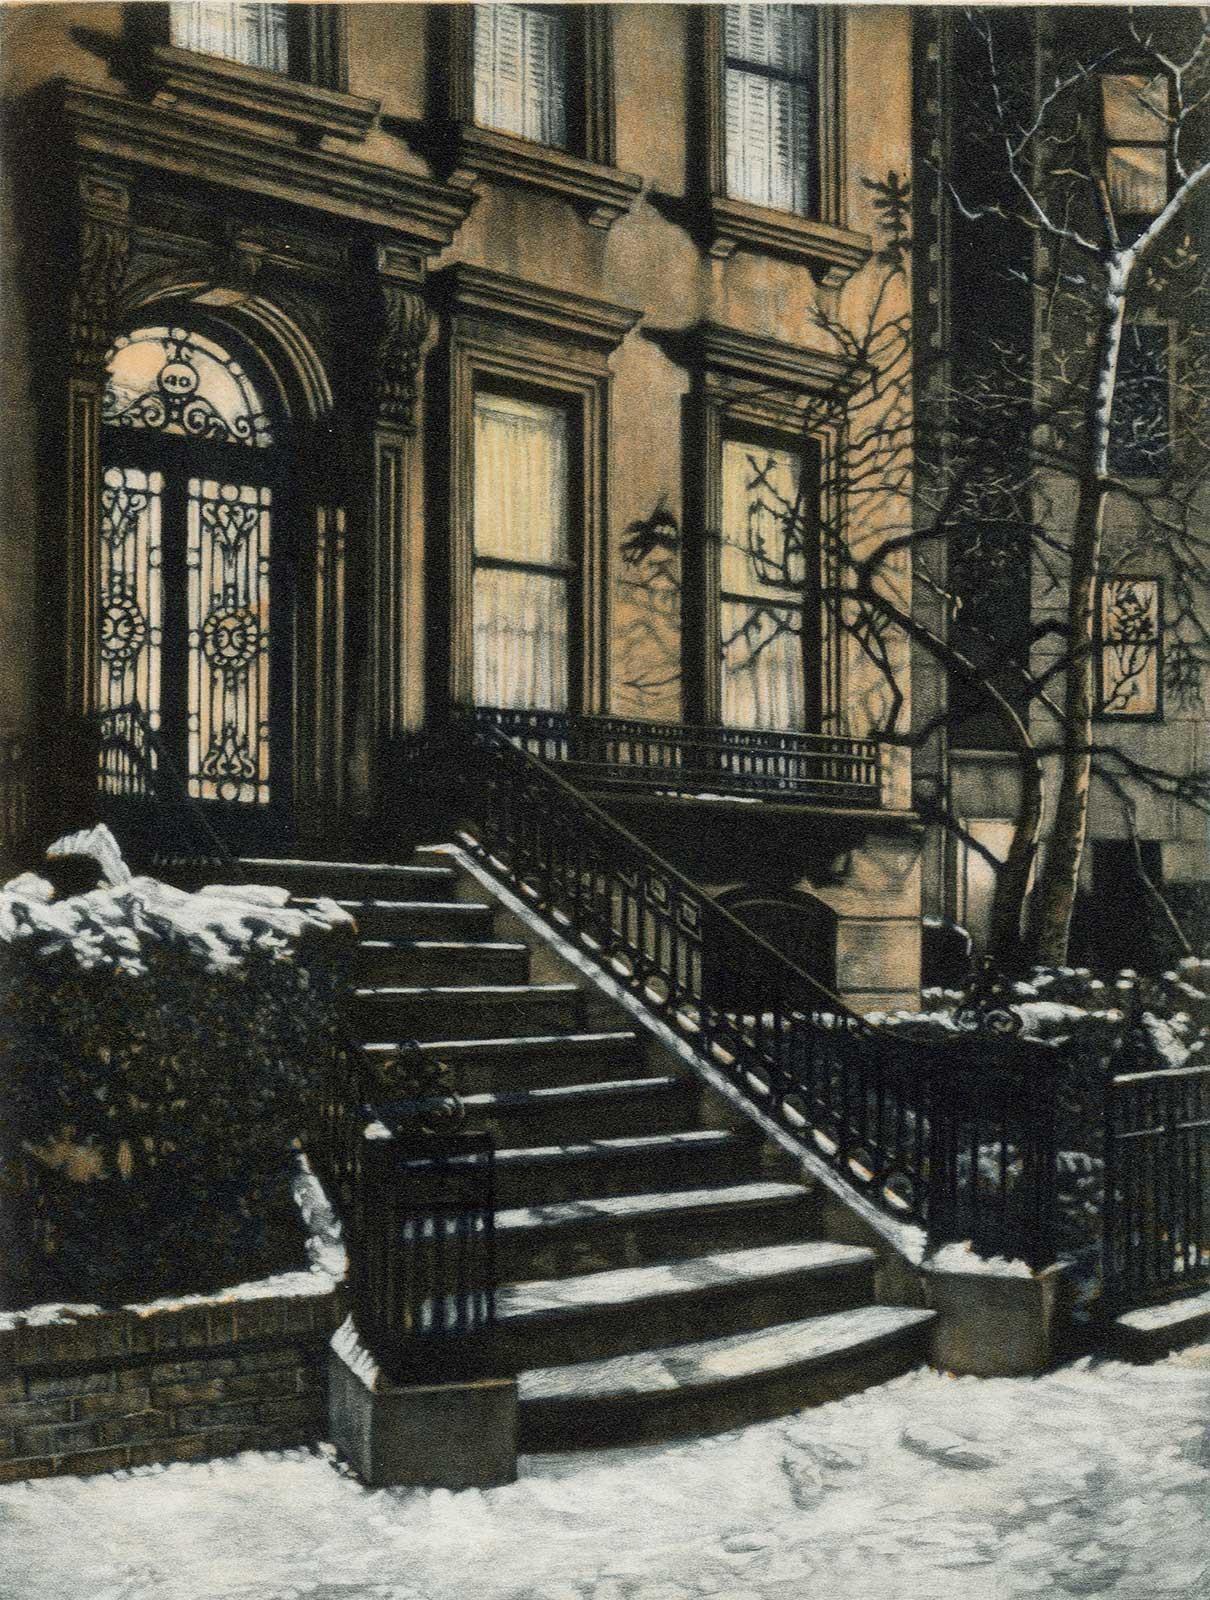 Footsteps (43 Pierrepont Street in Brooklyn Heights)